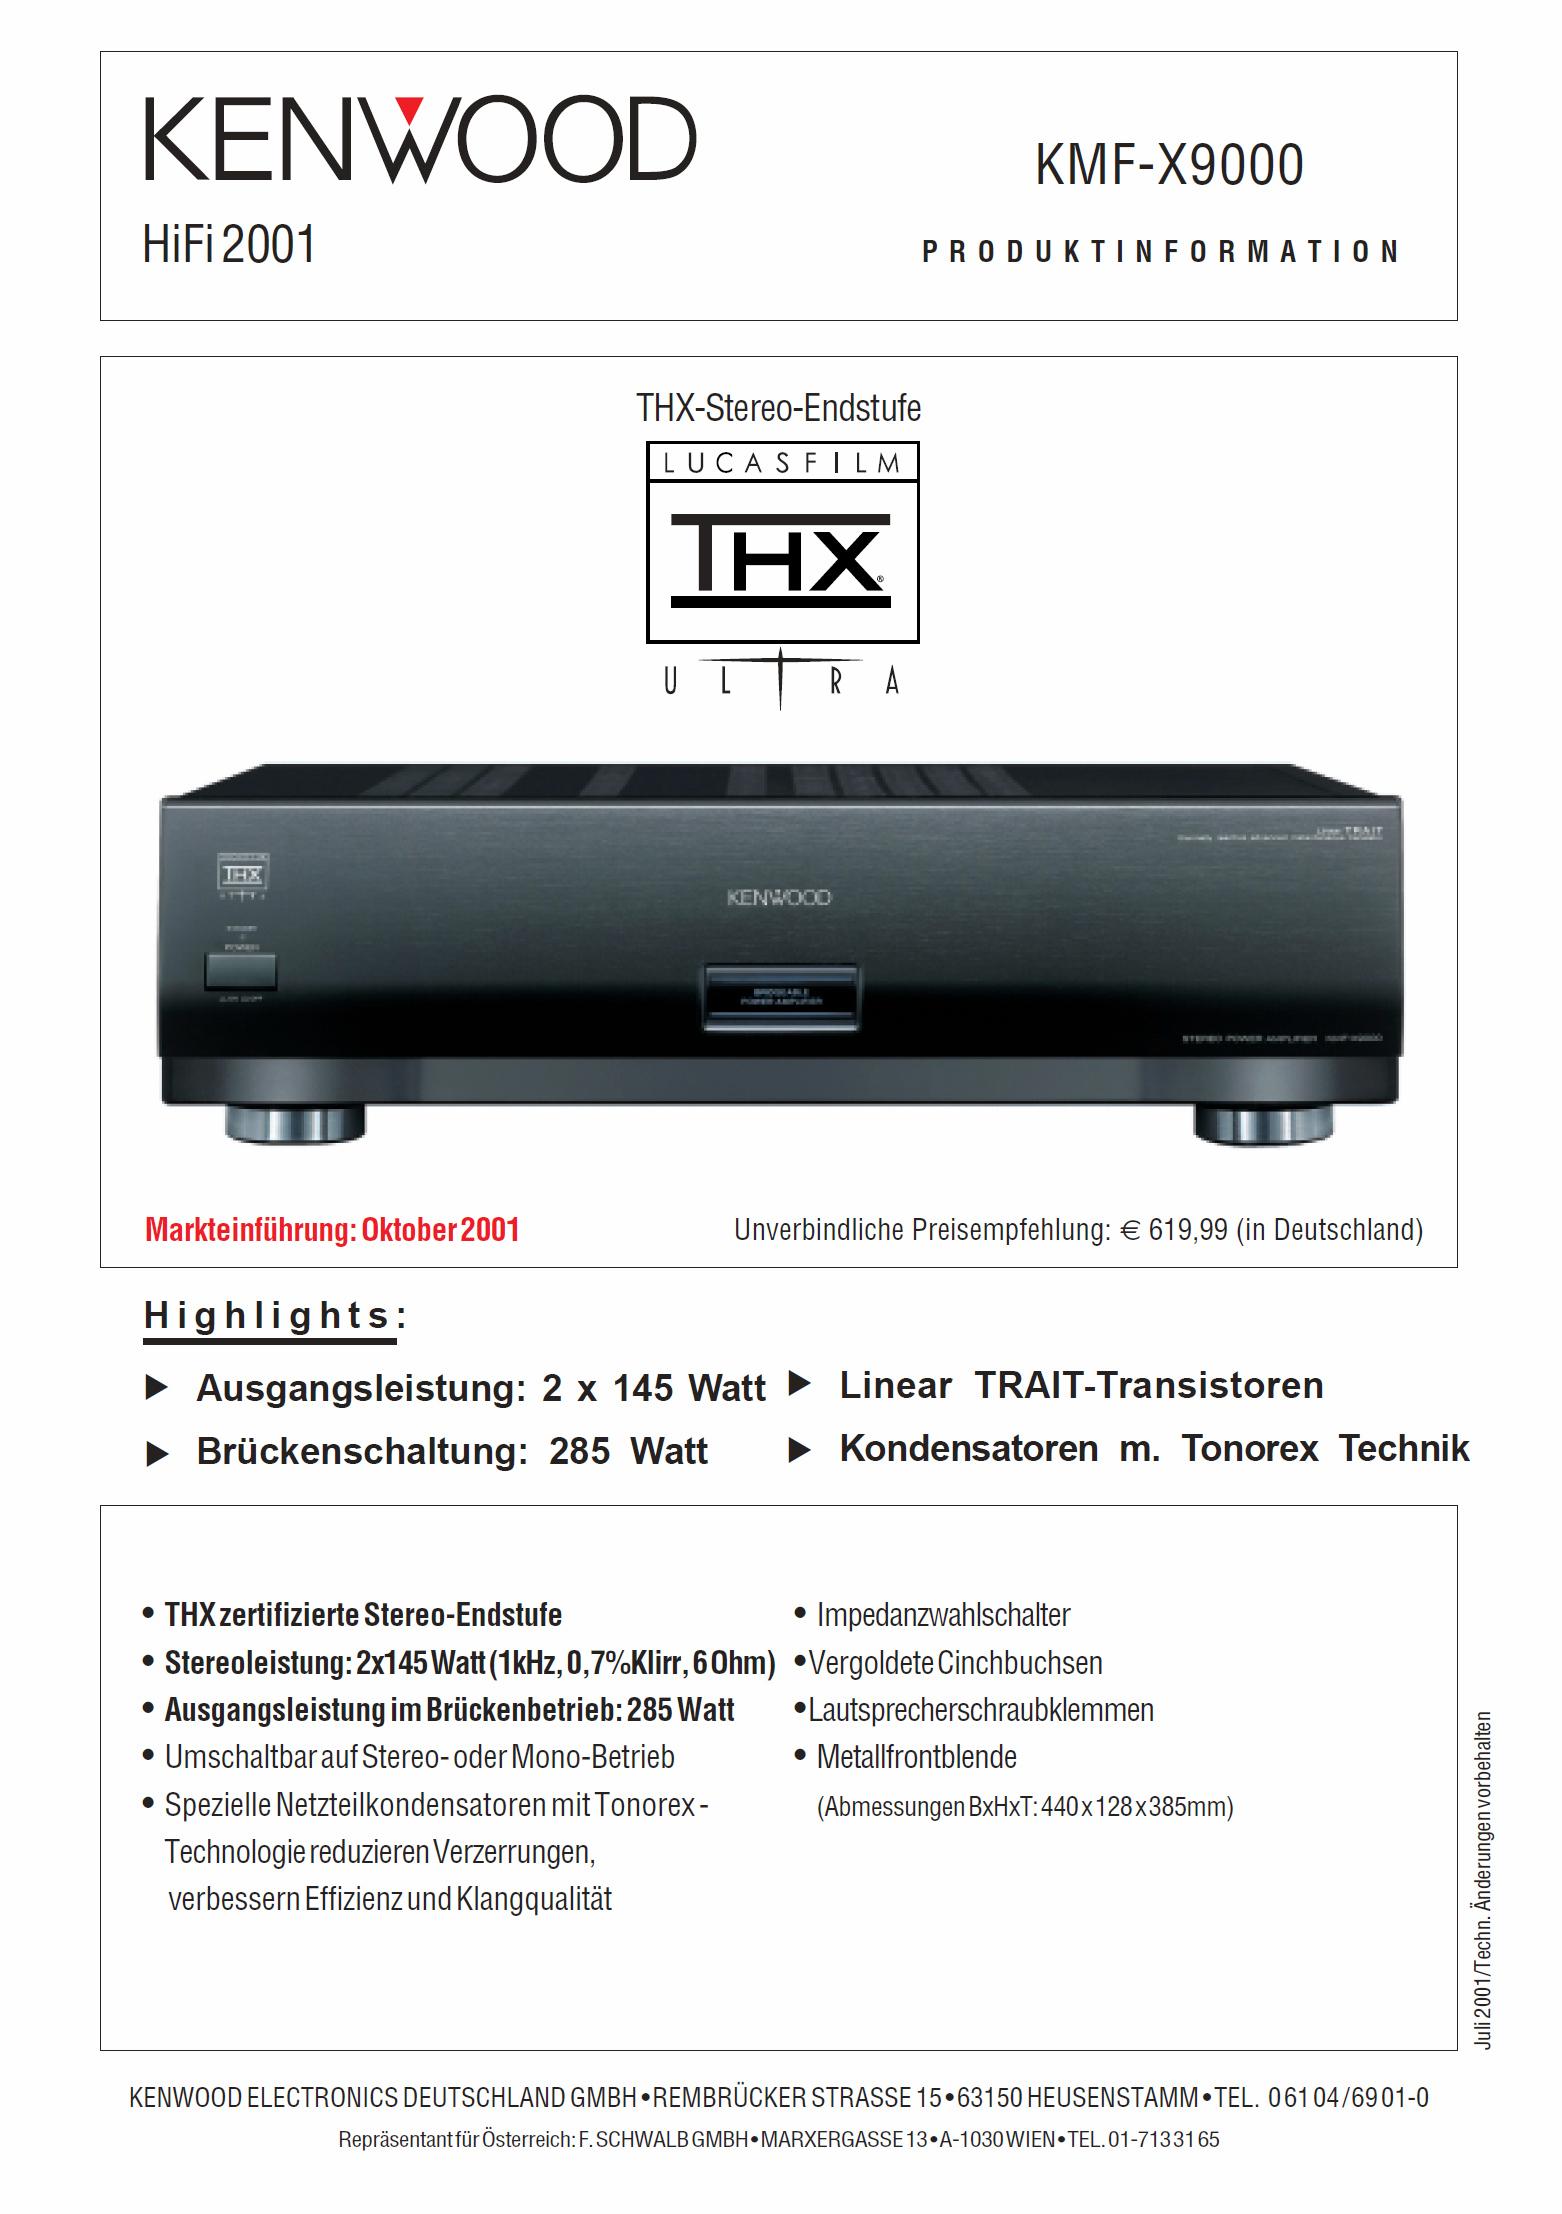 Kenwood Katalog Prospekt 2002///'03 KRF-X9995D KMF-X9000 DVF-J6050 DVT-8100